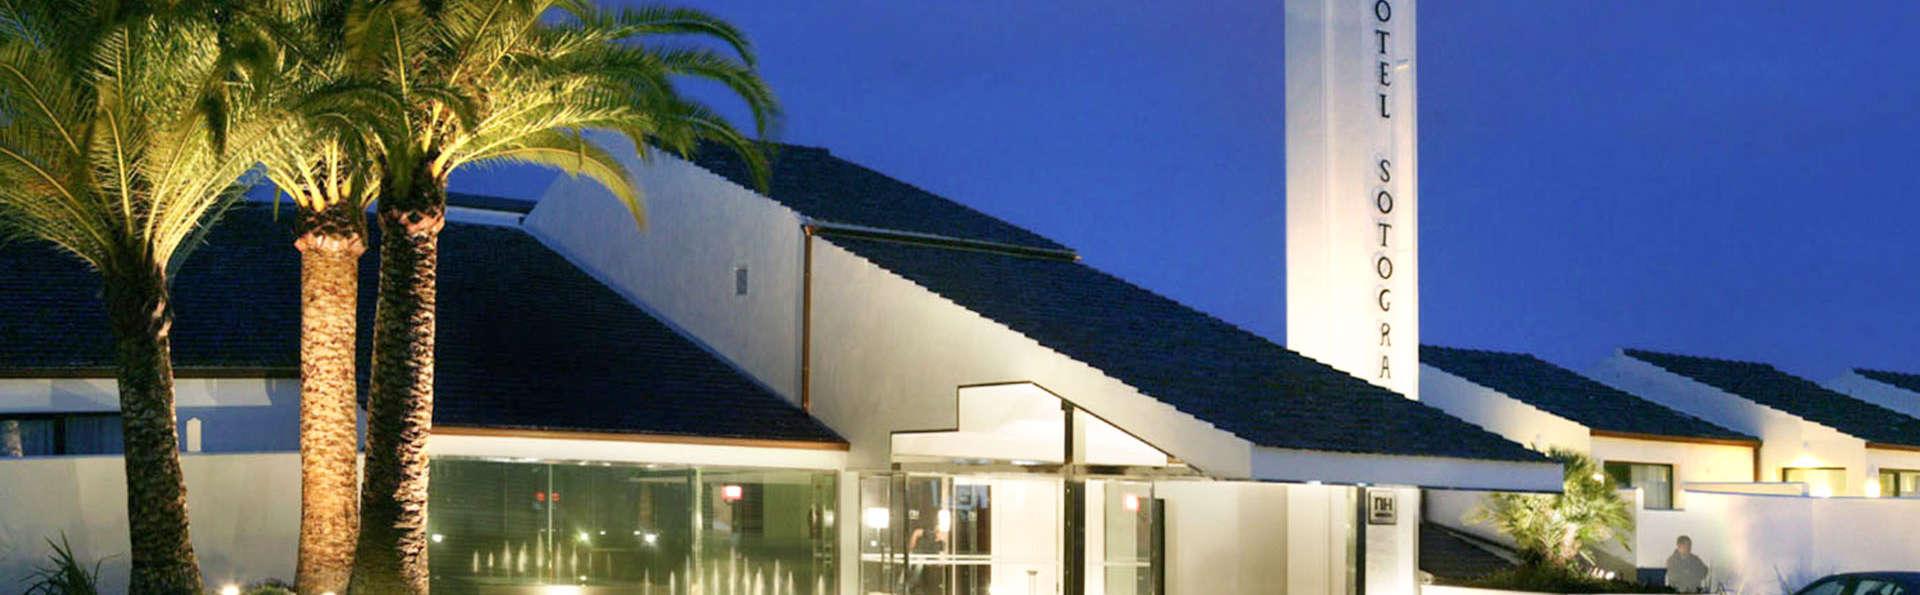 Hotel Encinar de Sotogrande - EDIT_EXTERIOR_01.jpg